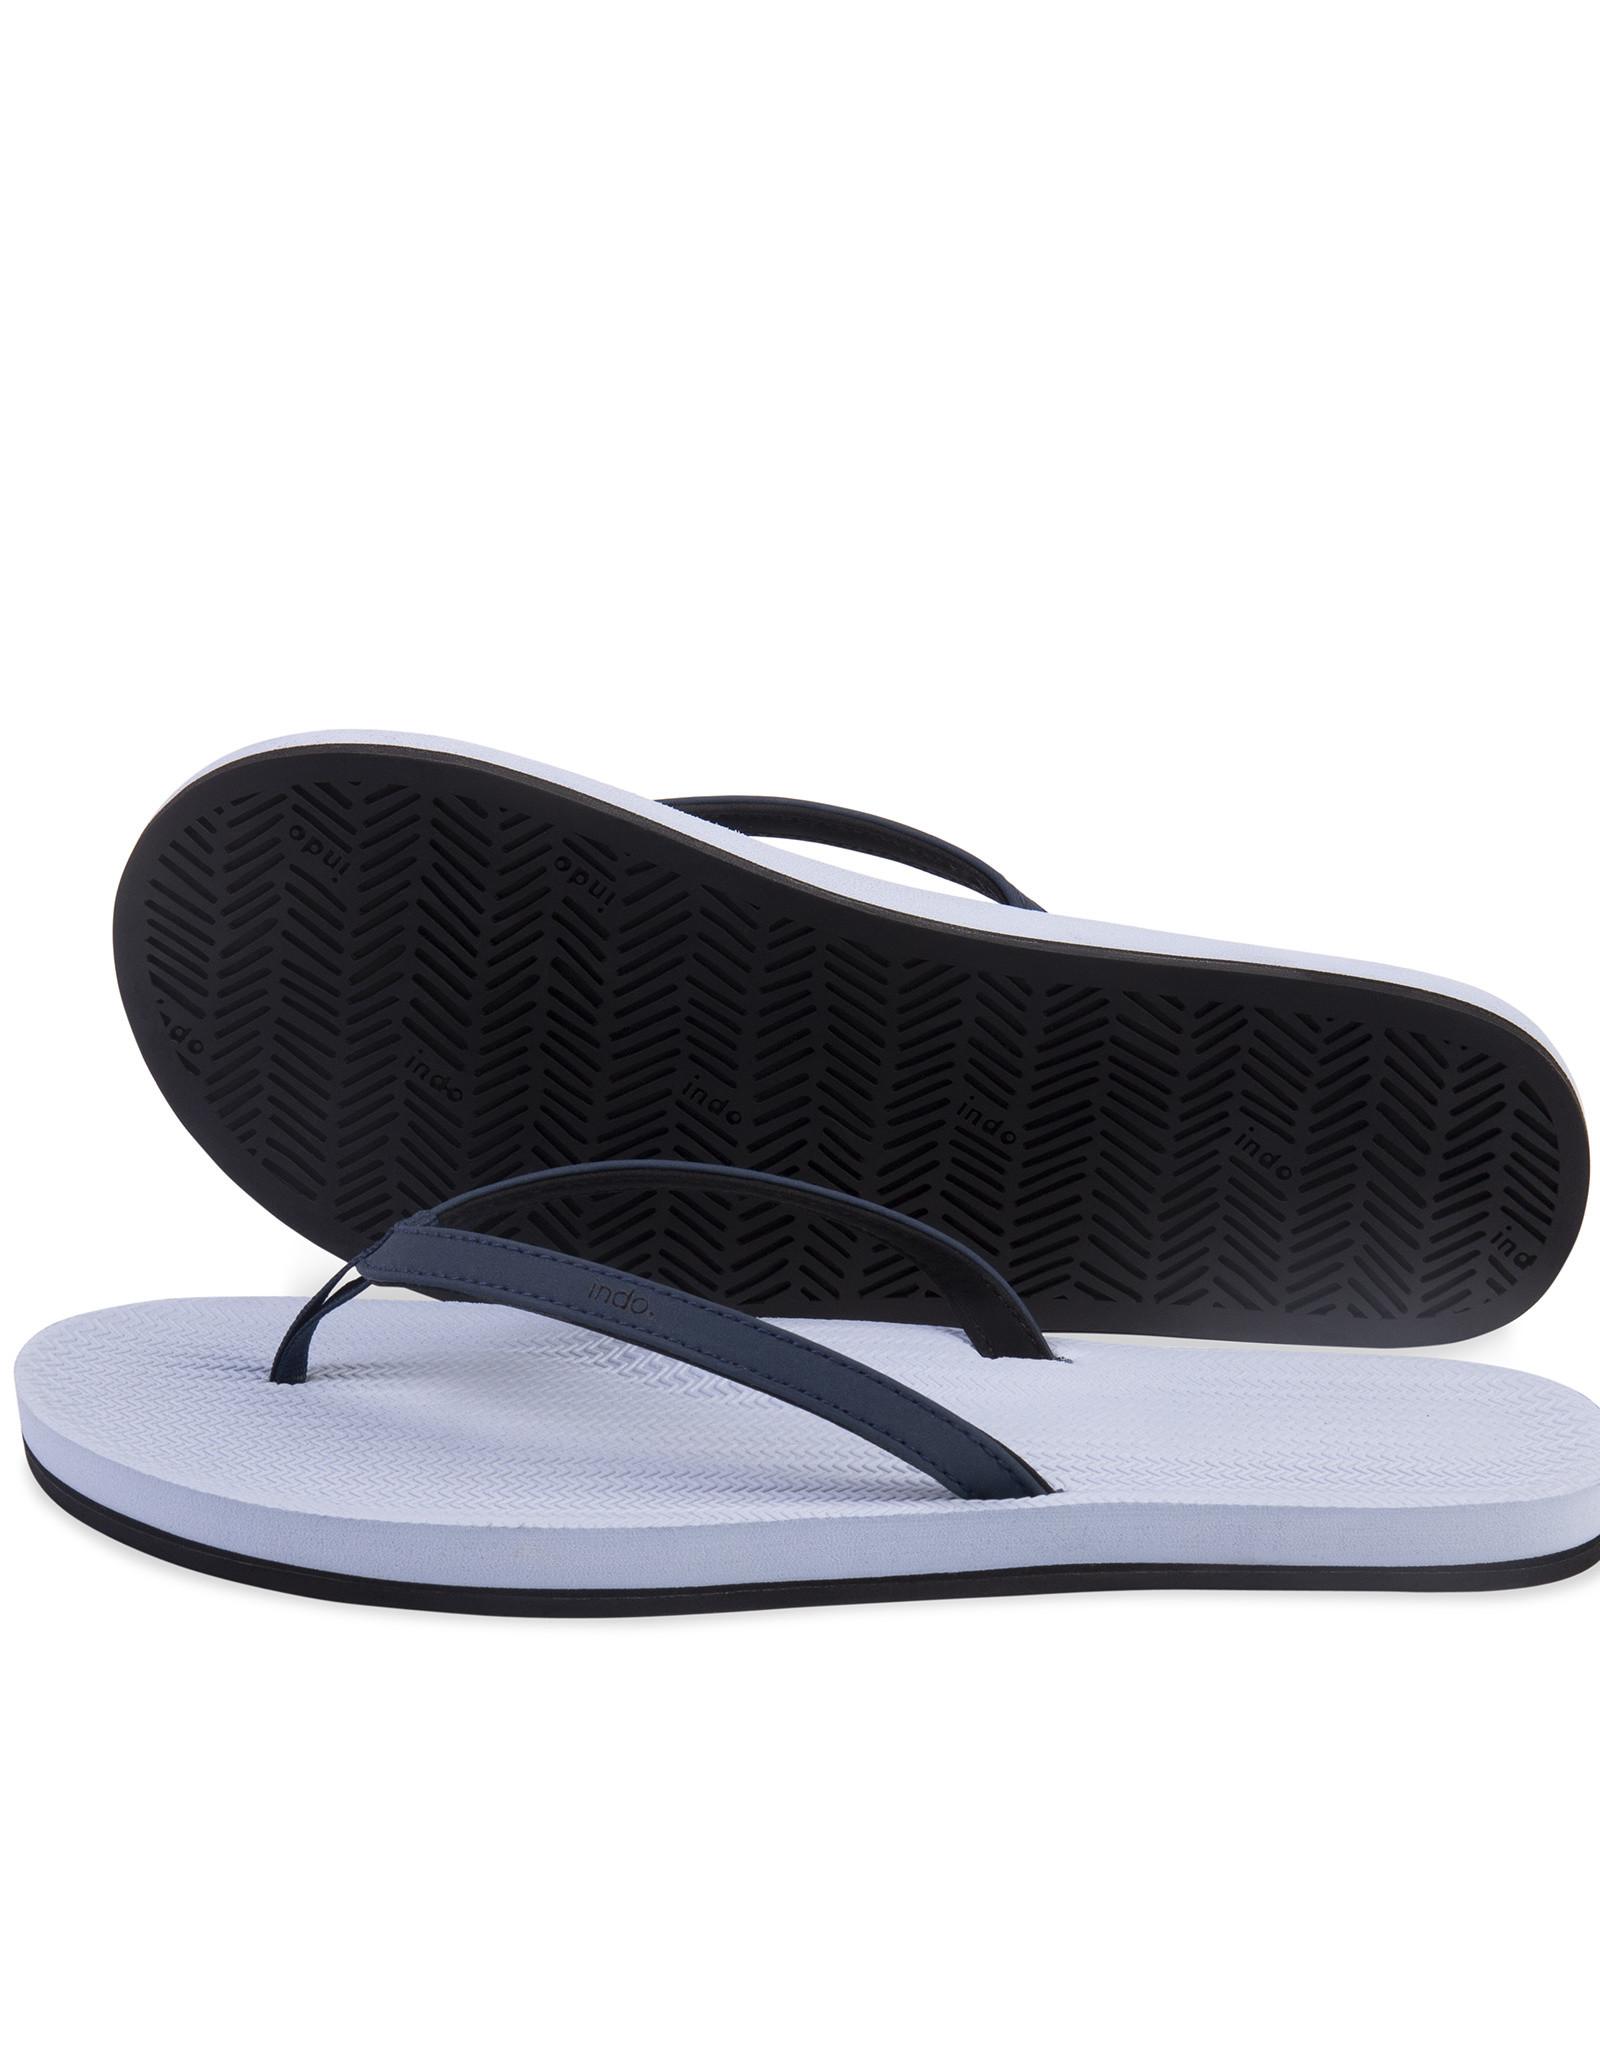 Indosole Flip Flops Color Combo shore light - shore